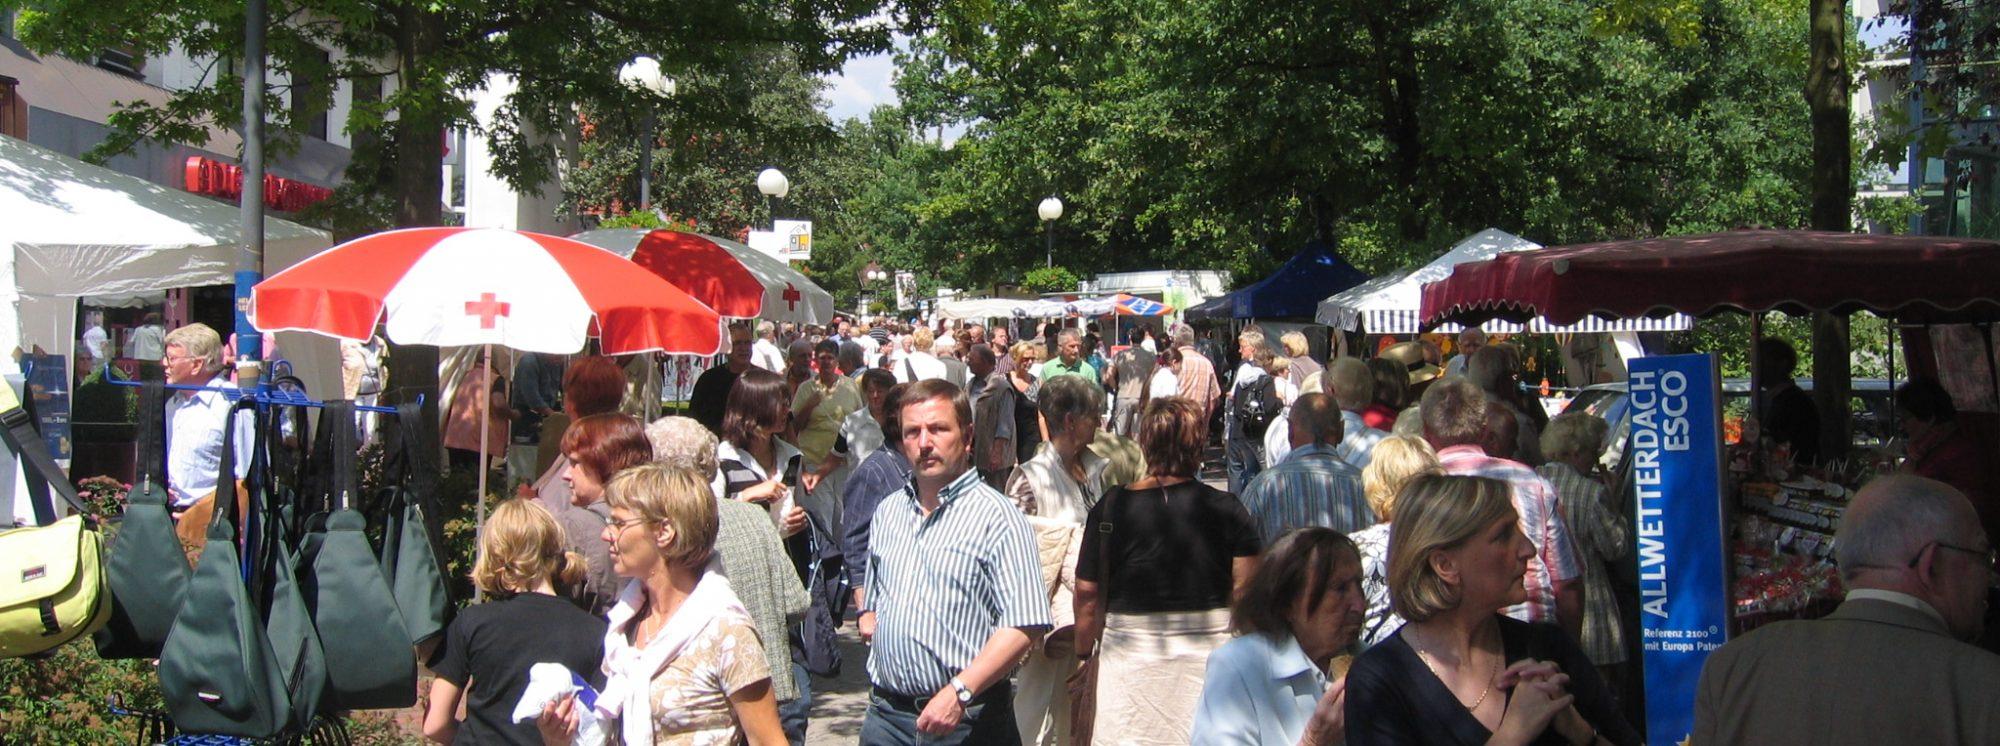 Sälzermarkt Bad Sassendorf